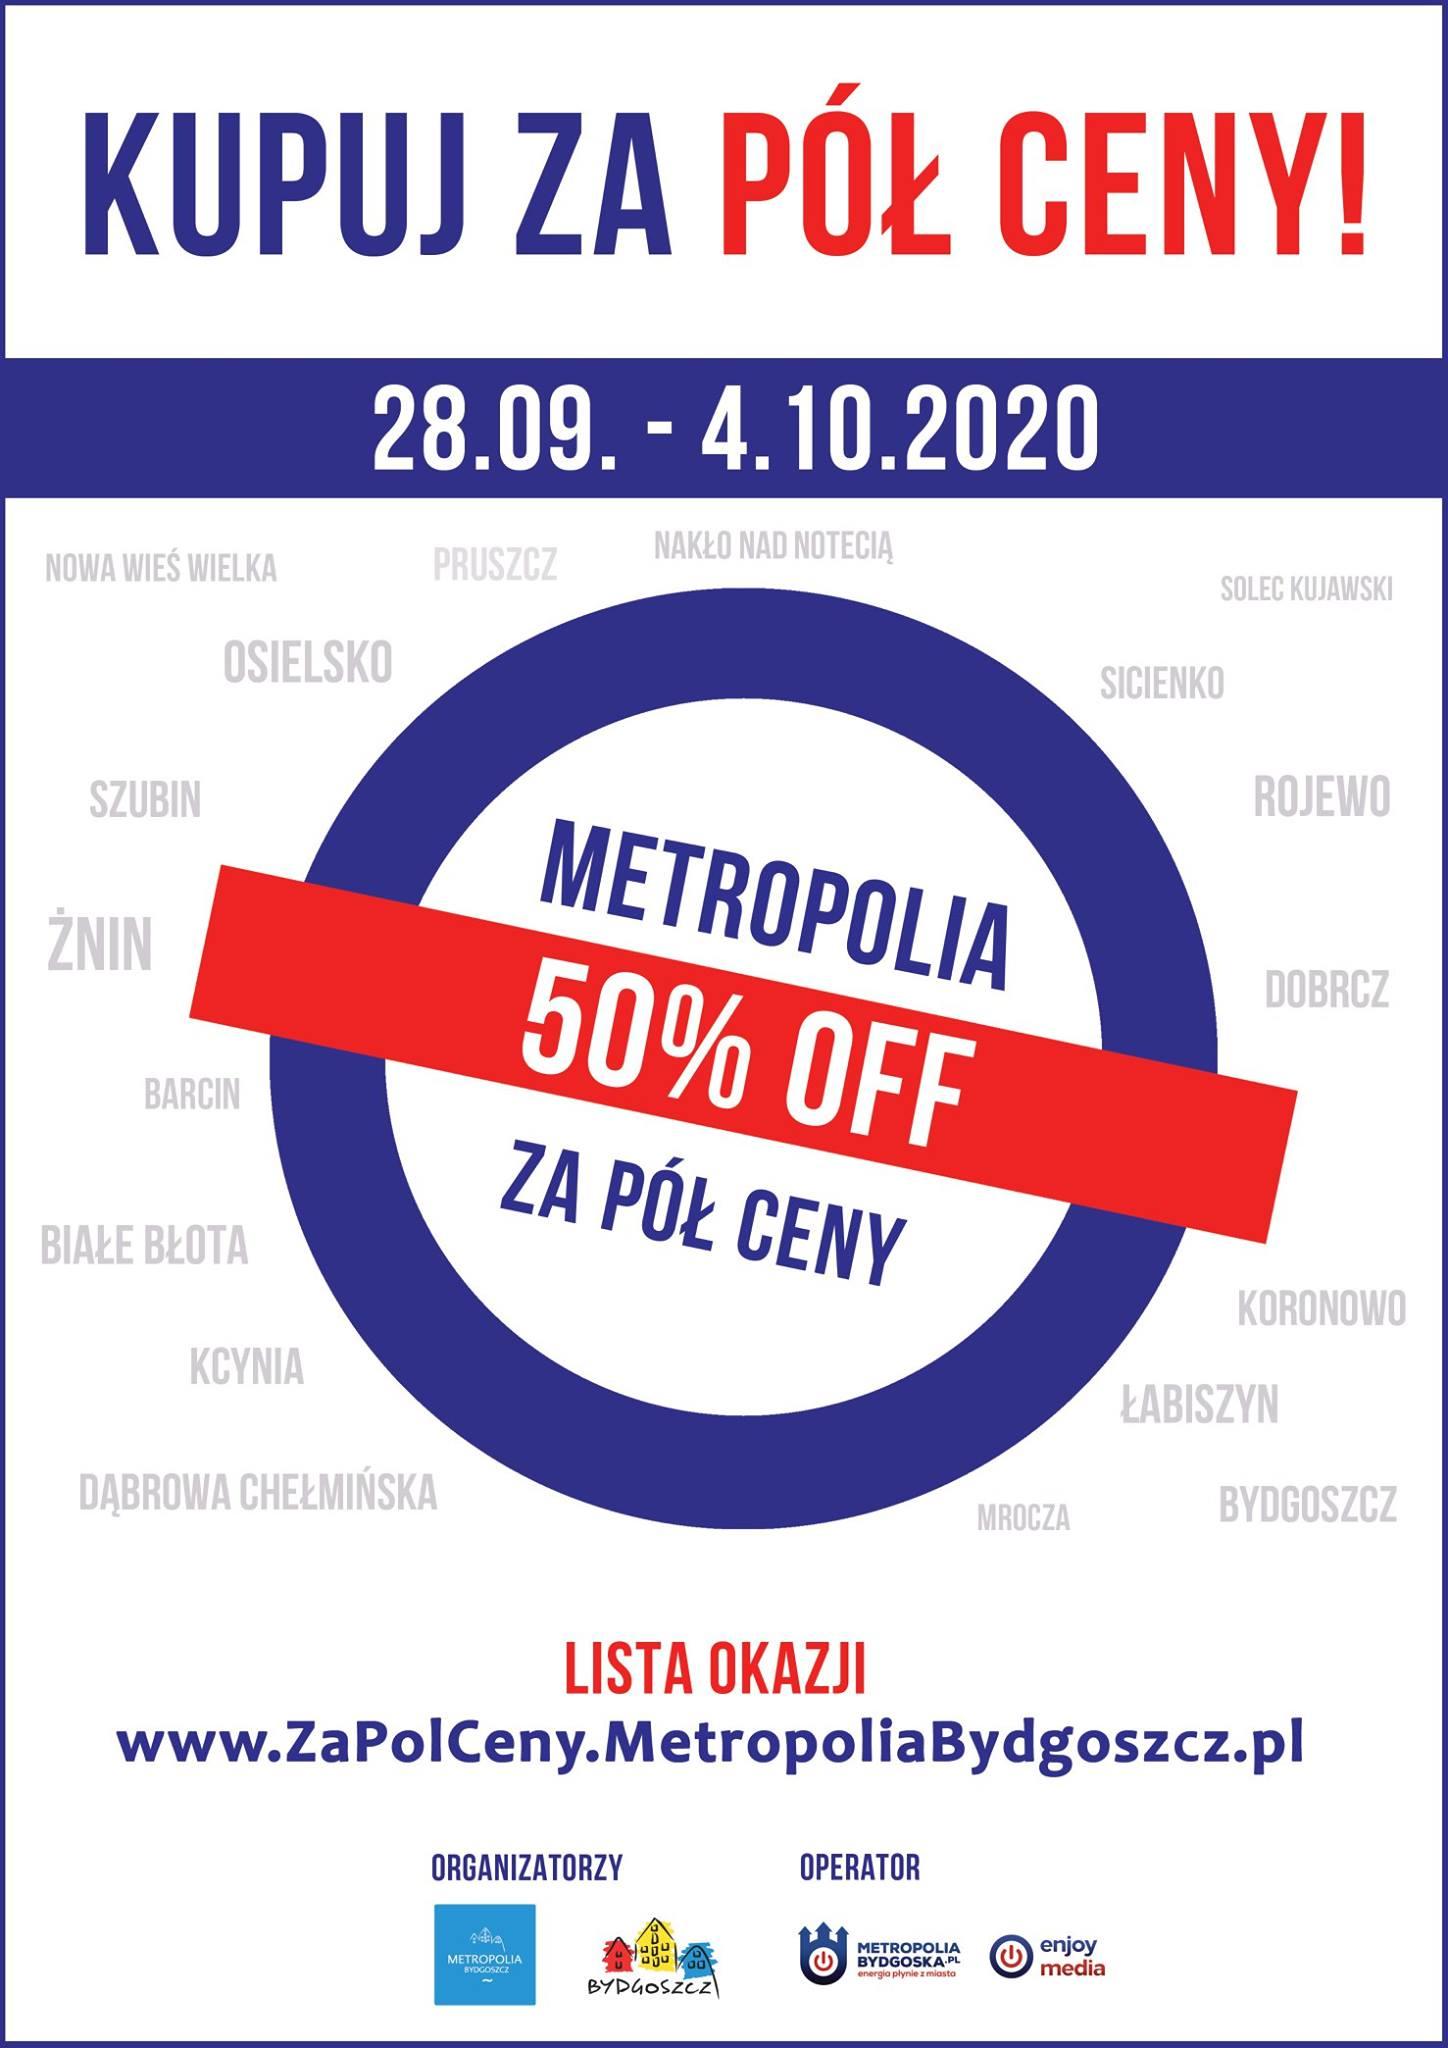 plakat Metropolia za pół ceny 2020